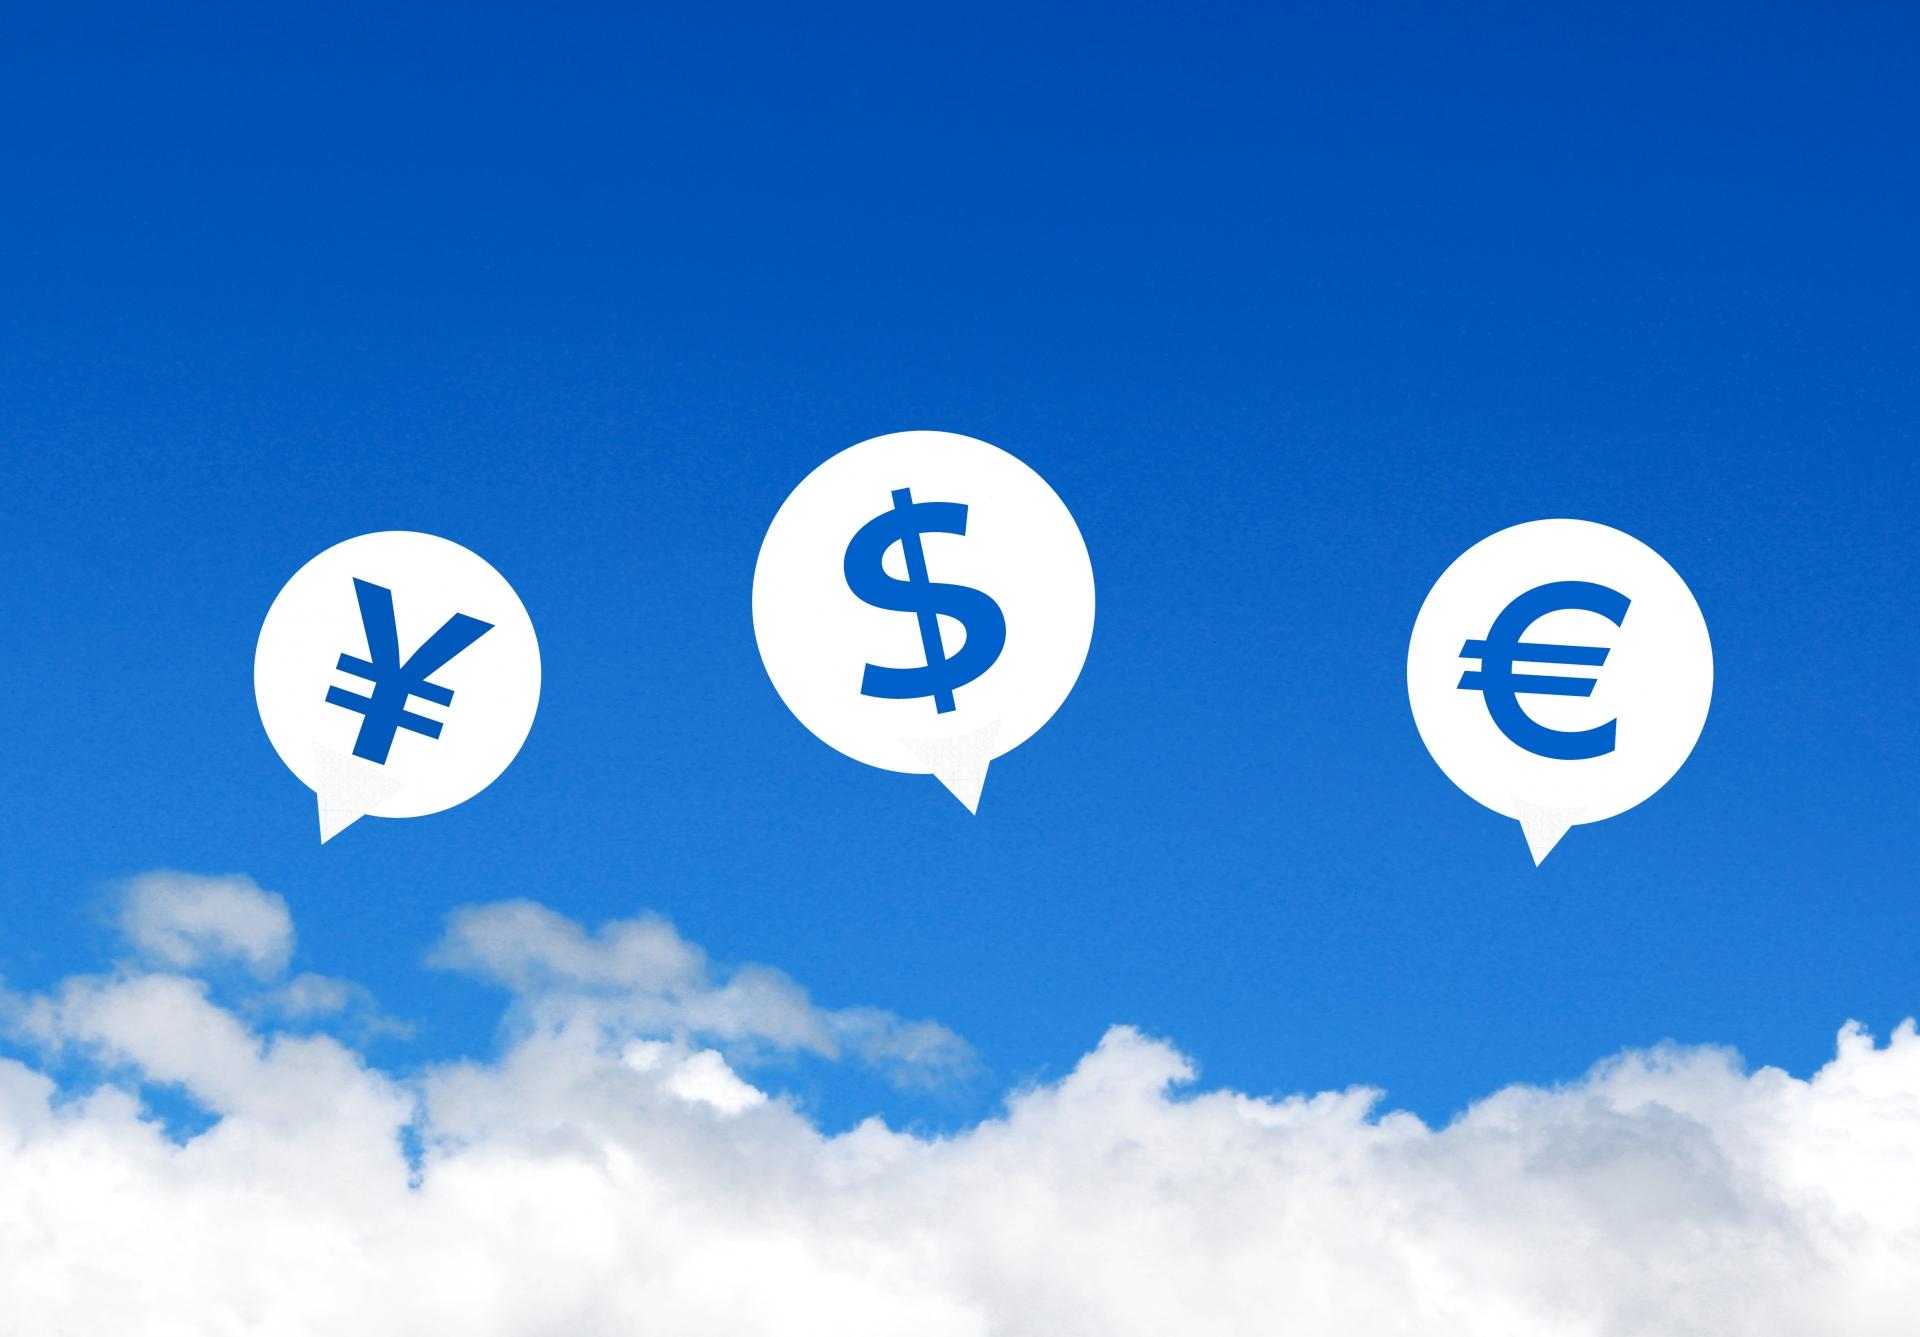 日本の財務諸表はなんで1,000円単位とか100万単位なの?